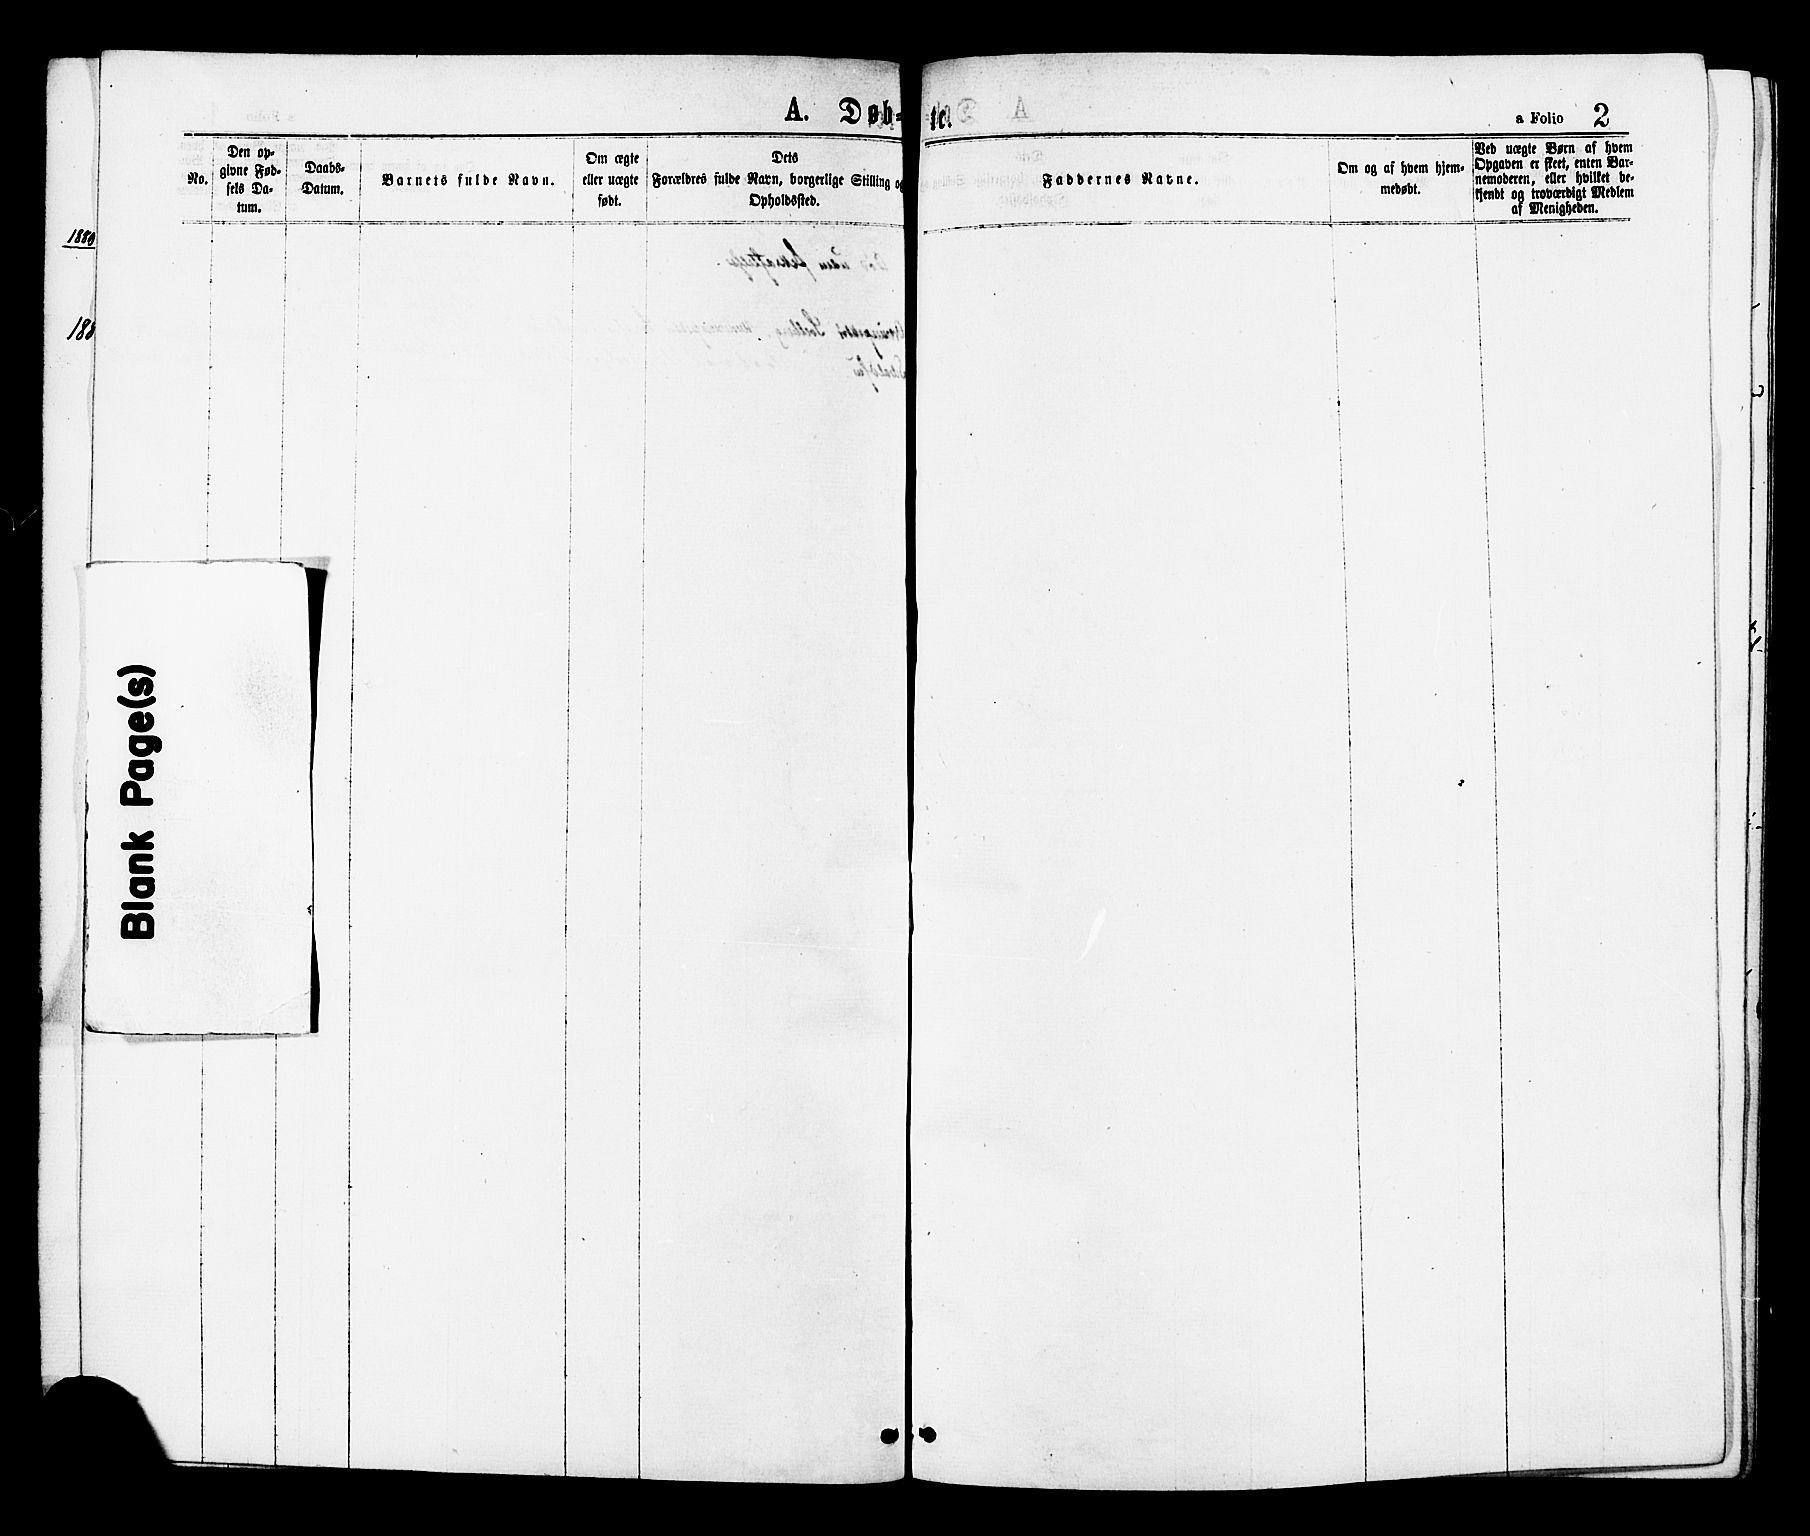 SAT, Ministerialprotokoller, klokkerbøker og fødselsregistre - Sør-Trøndelag, 624/L0482: Ministerialbok nr. 624A03, 1870-1918, s. 2